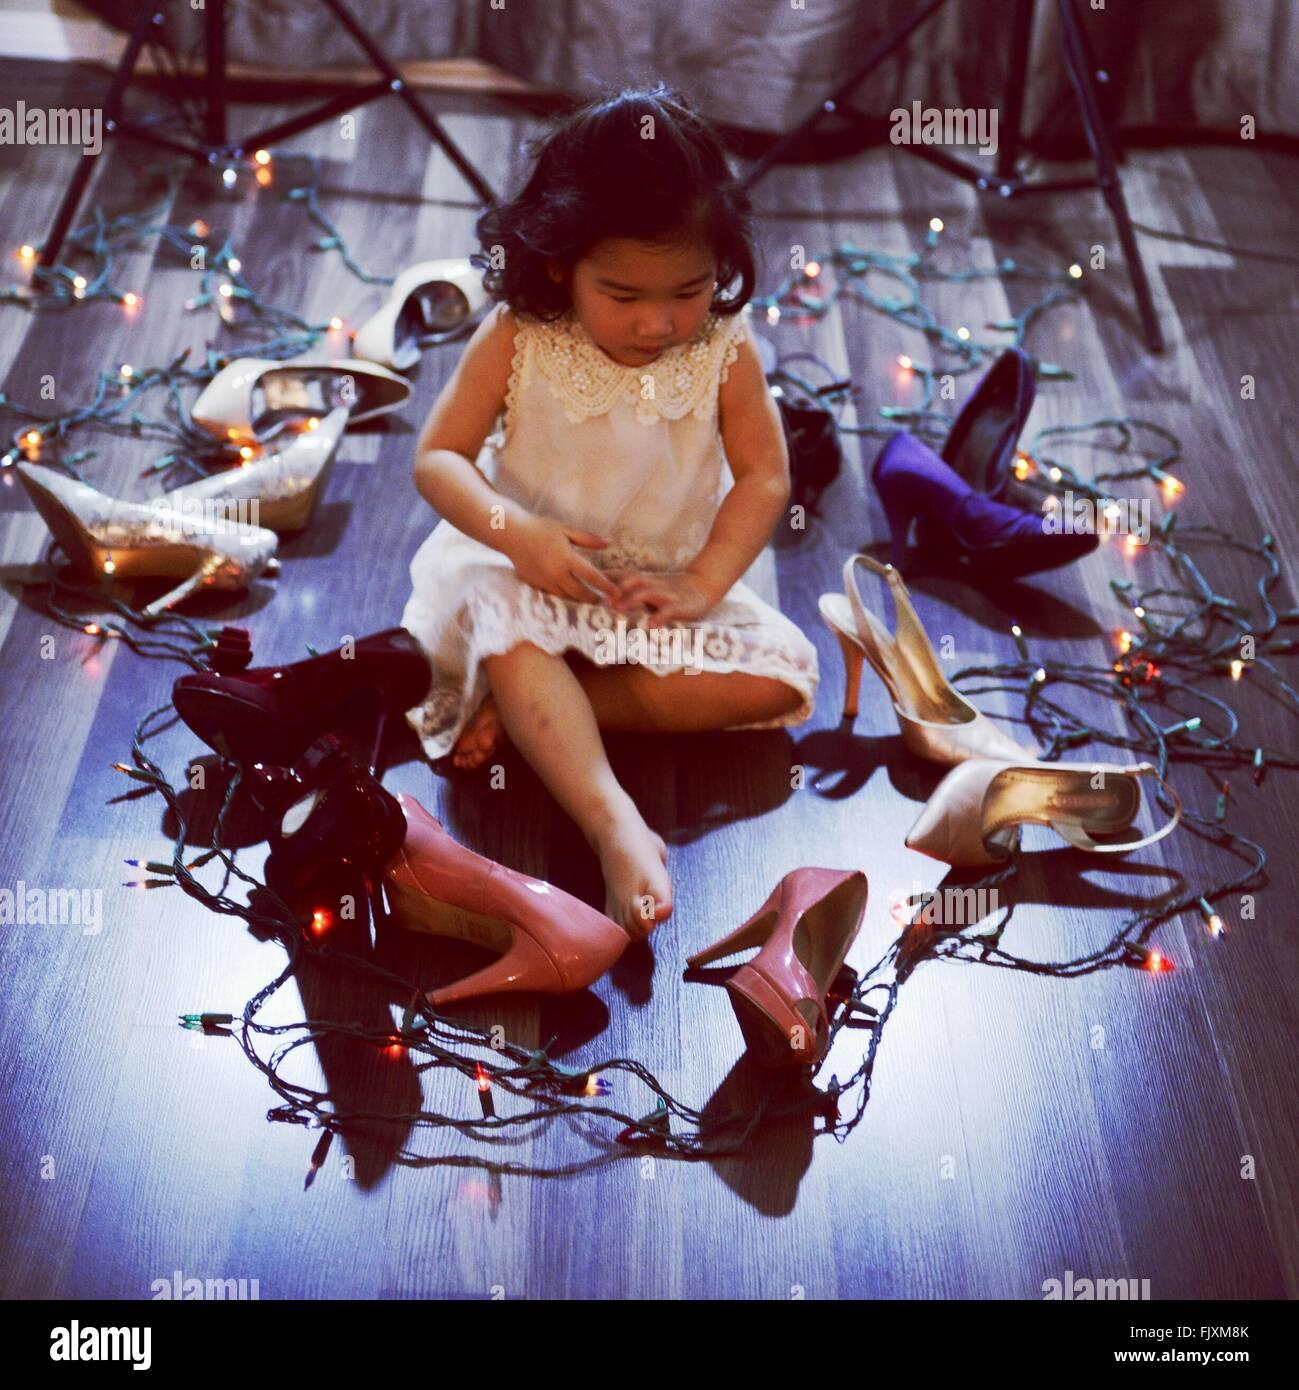 Ragazza seduta nel mezzo di tacchi alti e le luci di Natale sul pavimento di legno duro Immagini Stock